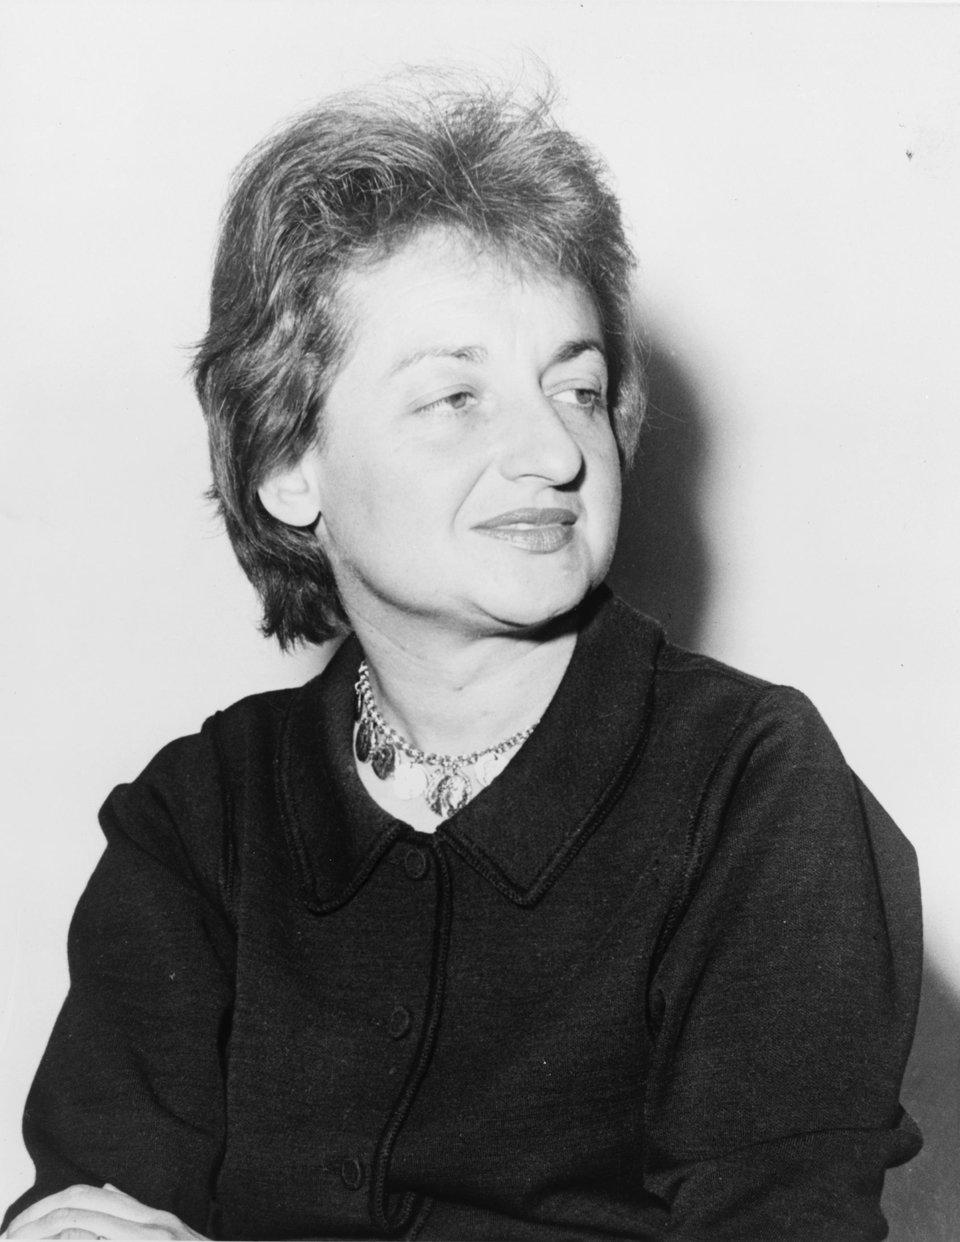 Betty Friedan (1921–2006) Źródło: Fred Palumbo, Betty Friedan (1921–2006), Fotografia, Biblioteka Kongresu Stanów Zjednoczonych, domena publiczna.